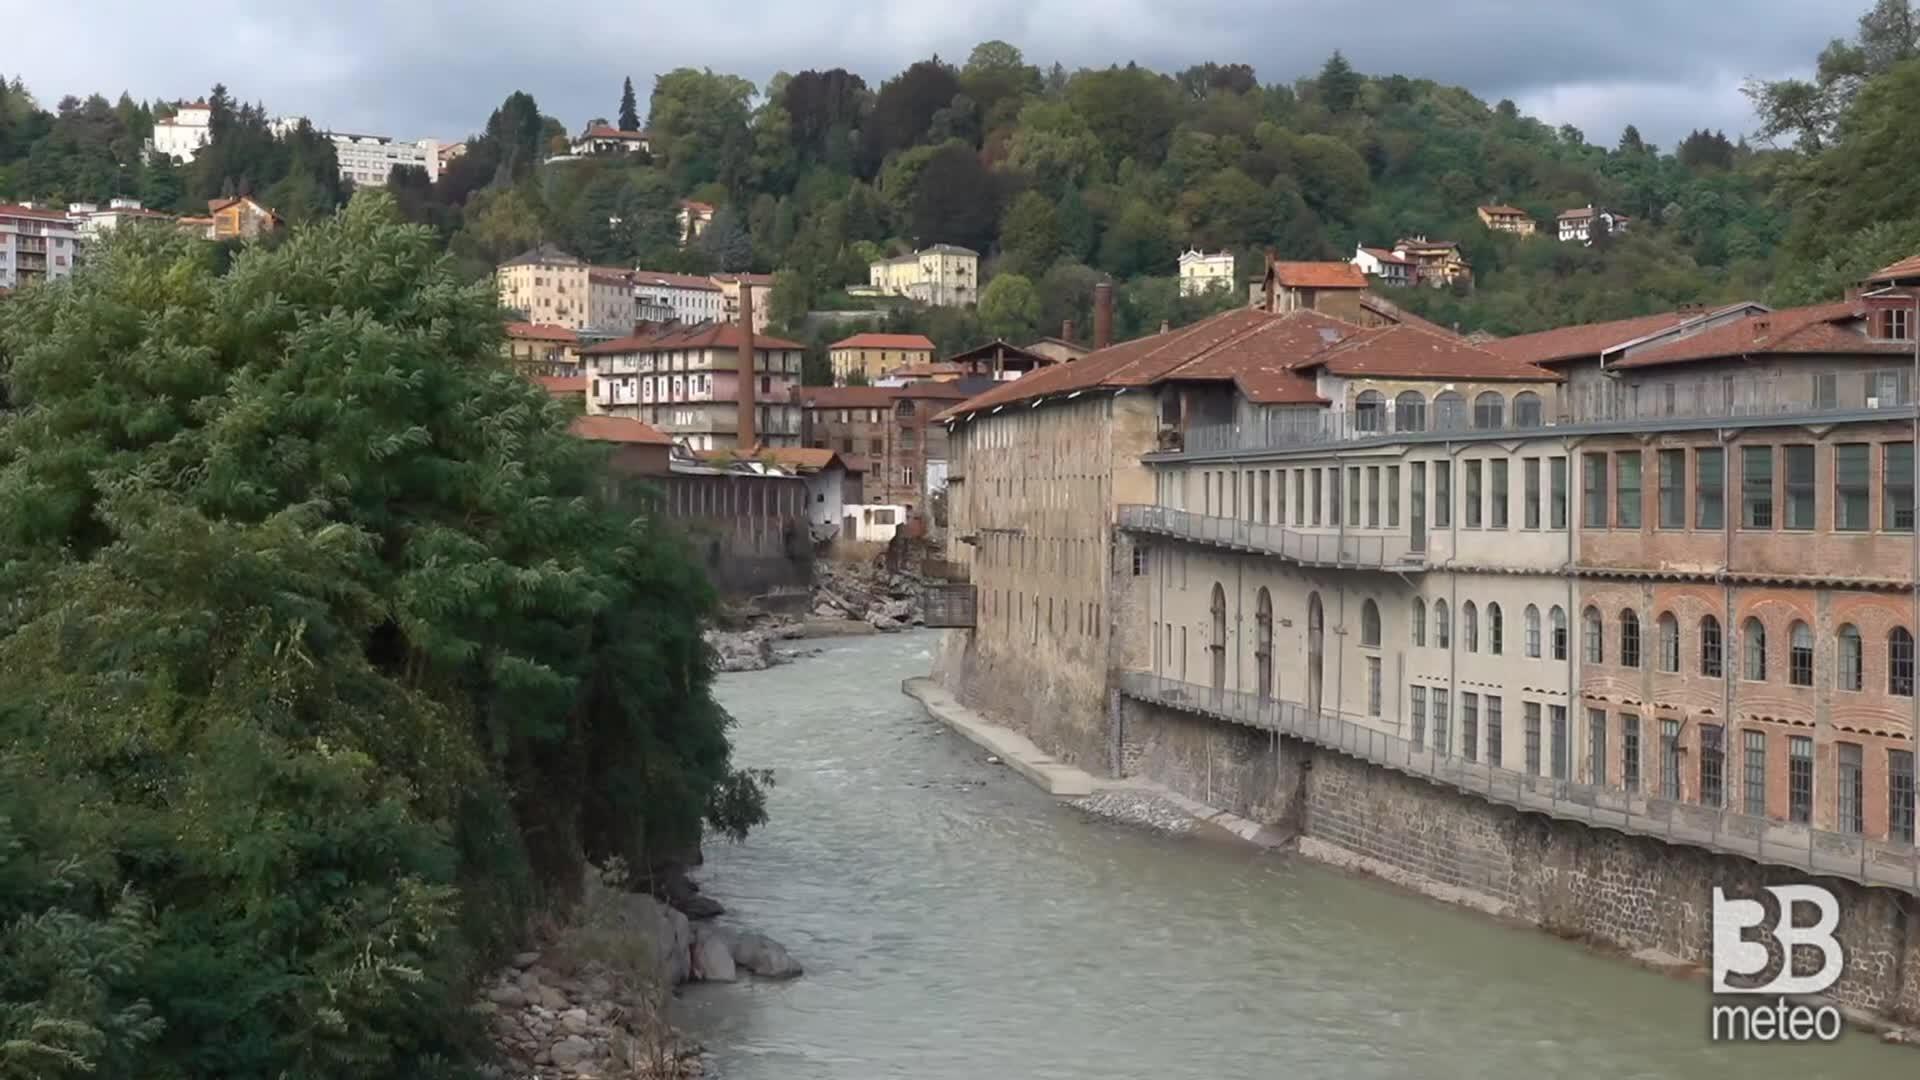 Alluvione Cittadellarte (Biella): edifici distrutti dalla piena